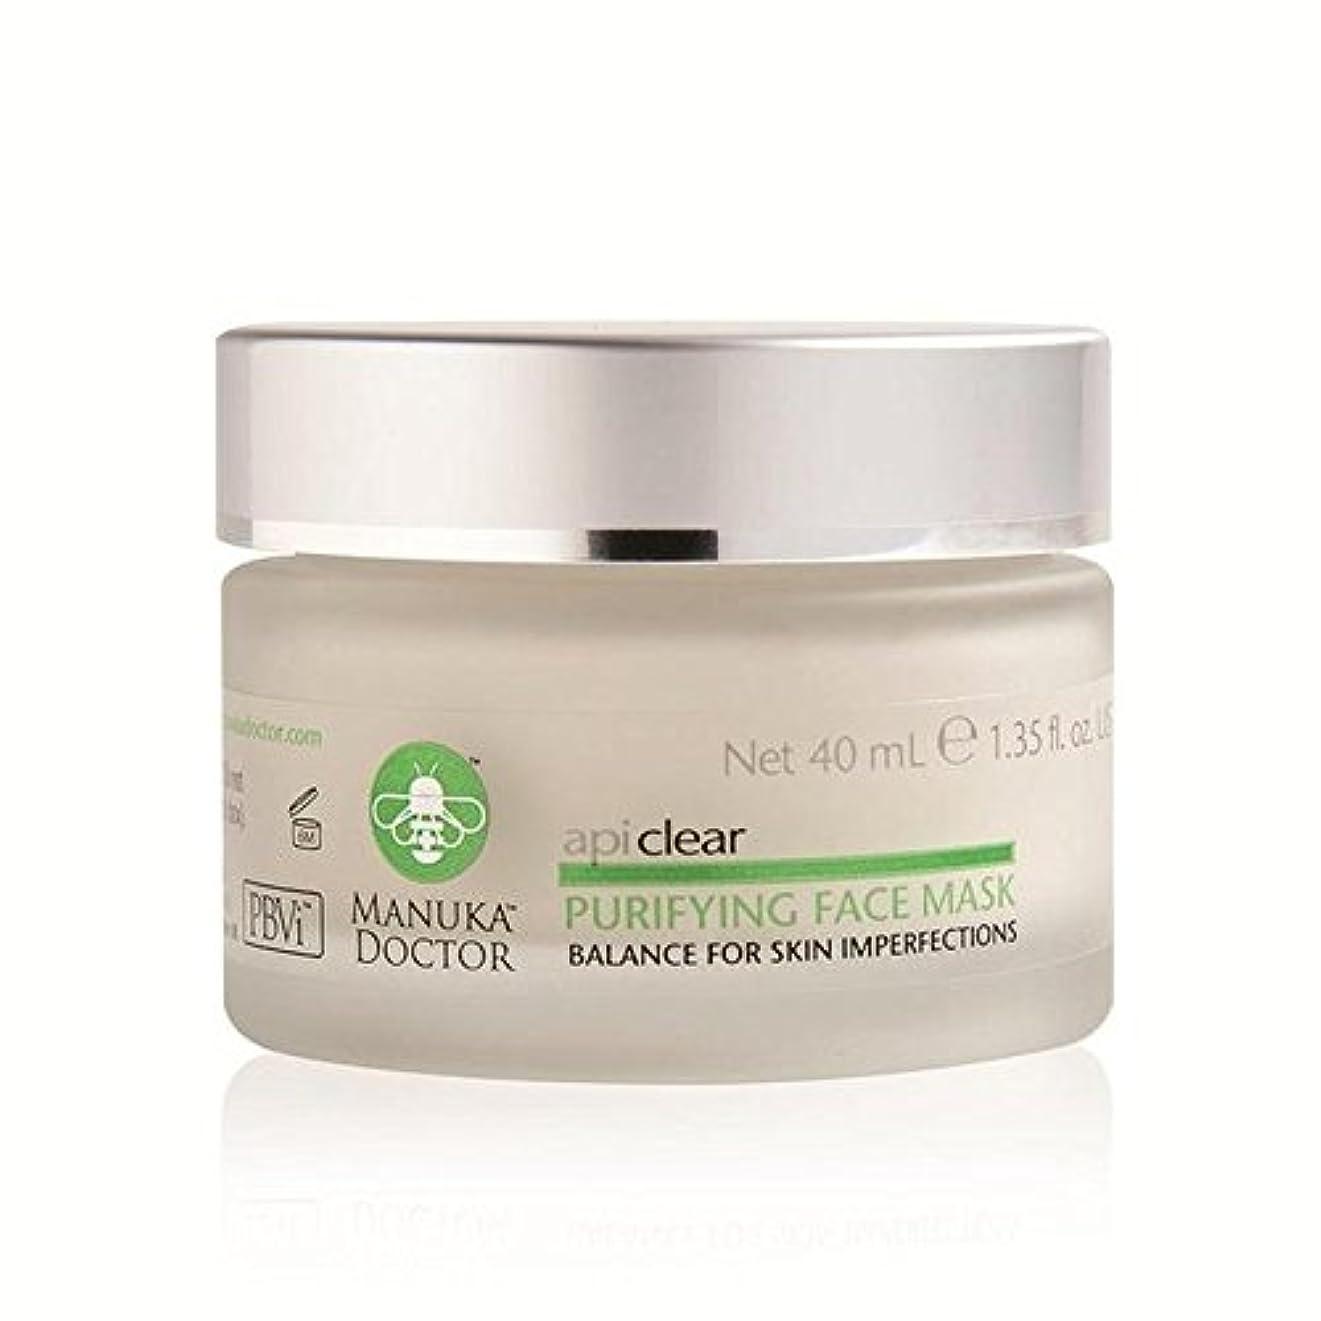 削除するドラマ領事館Manuka Doctor Api Clear Purifying Face Mask 40ml (Pack of 6) - マヌカドクター明確な浄化フェイスマスク40ミリリットル x6 [並行輸入品]